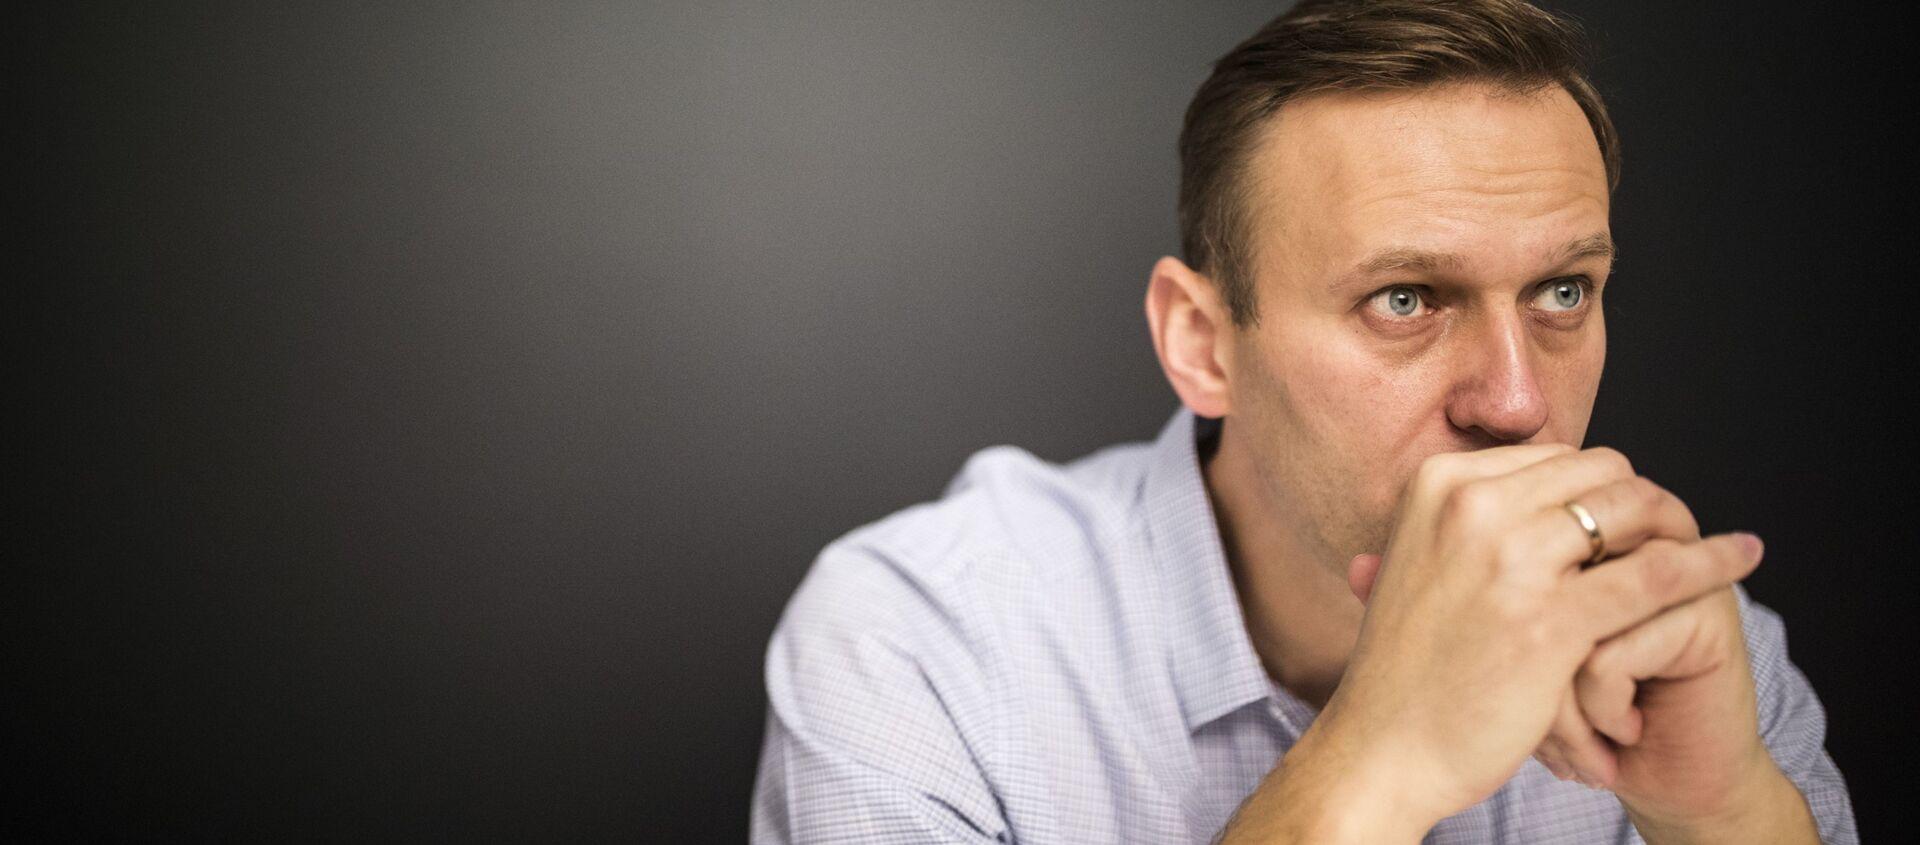 Алексей Навальный - Sputnik Узбекистан, 1920, 18.01.2021